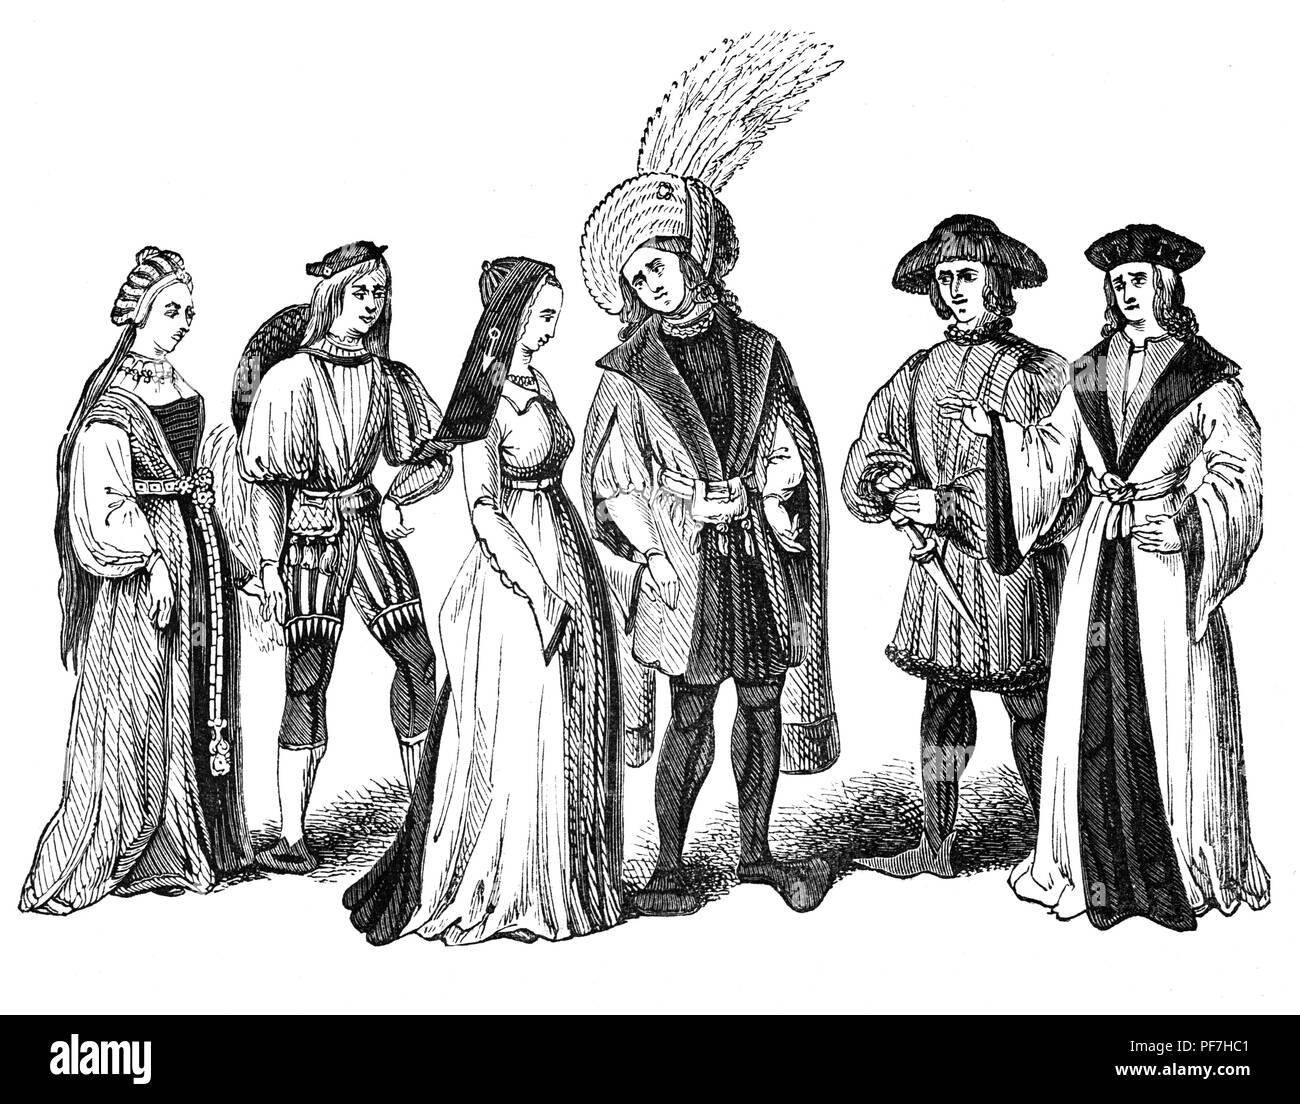 Moda para hombres y mujeres durante el reinado de Enrique VII. Él solía vestir para reforzar su reclamación al trono y proyectar un estado en los días después de la batalla de Bosworth. Ropa Tudor continuó evolucionando a medida que cambian las modas y las tendencias. Trajes de Tudor fueron diseñados para dar a las mujeres una forma triangular, mientras que la ropa del hombre les dio una forma casi cuadrada. En la corte, vestidos de mujeres generalmente consistido de un smock, Petticoat, kirtle, y partlet. Los hombres, por su parte, vestía una camiseta, jerkin, doublet, overgown y una manguera. Los hombres usualmente también llevaban gorras, adornadas con diversas joyas y plumas. Imagen De Stock